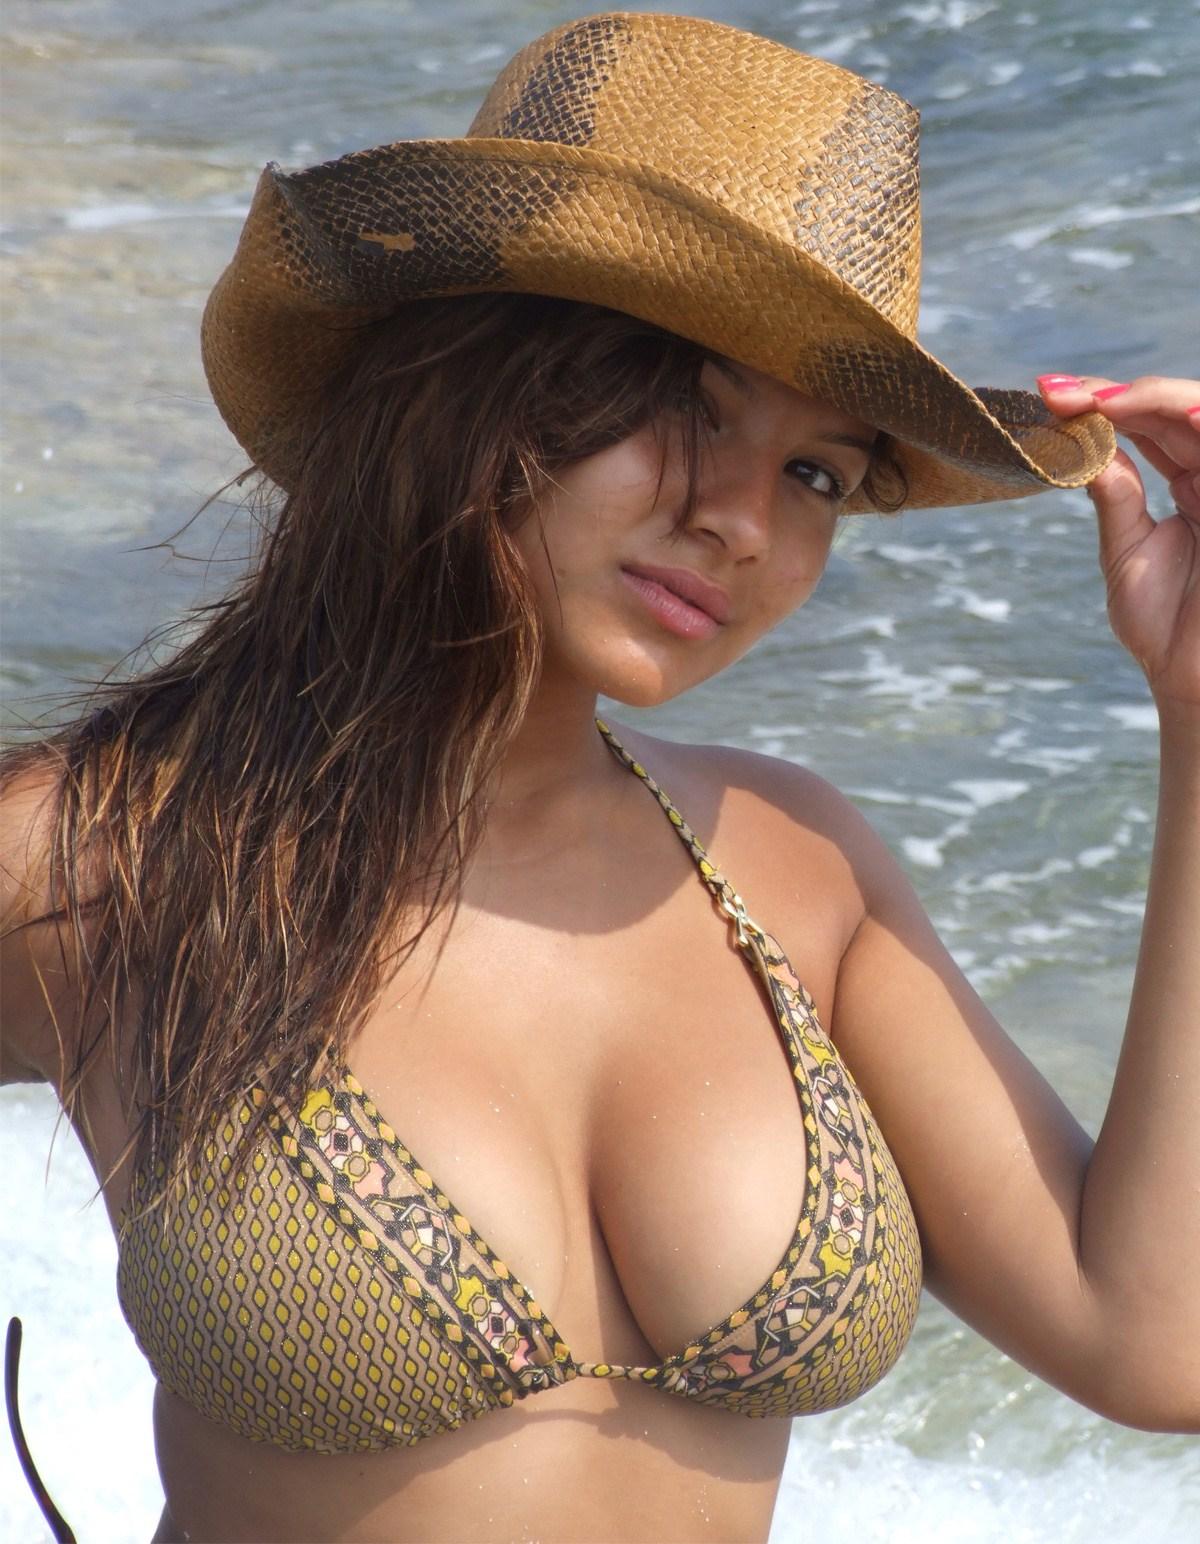 Юная девушка с большими сиськами фото 7 фотография